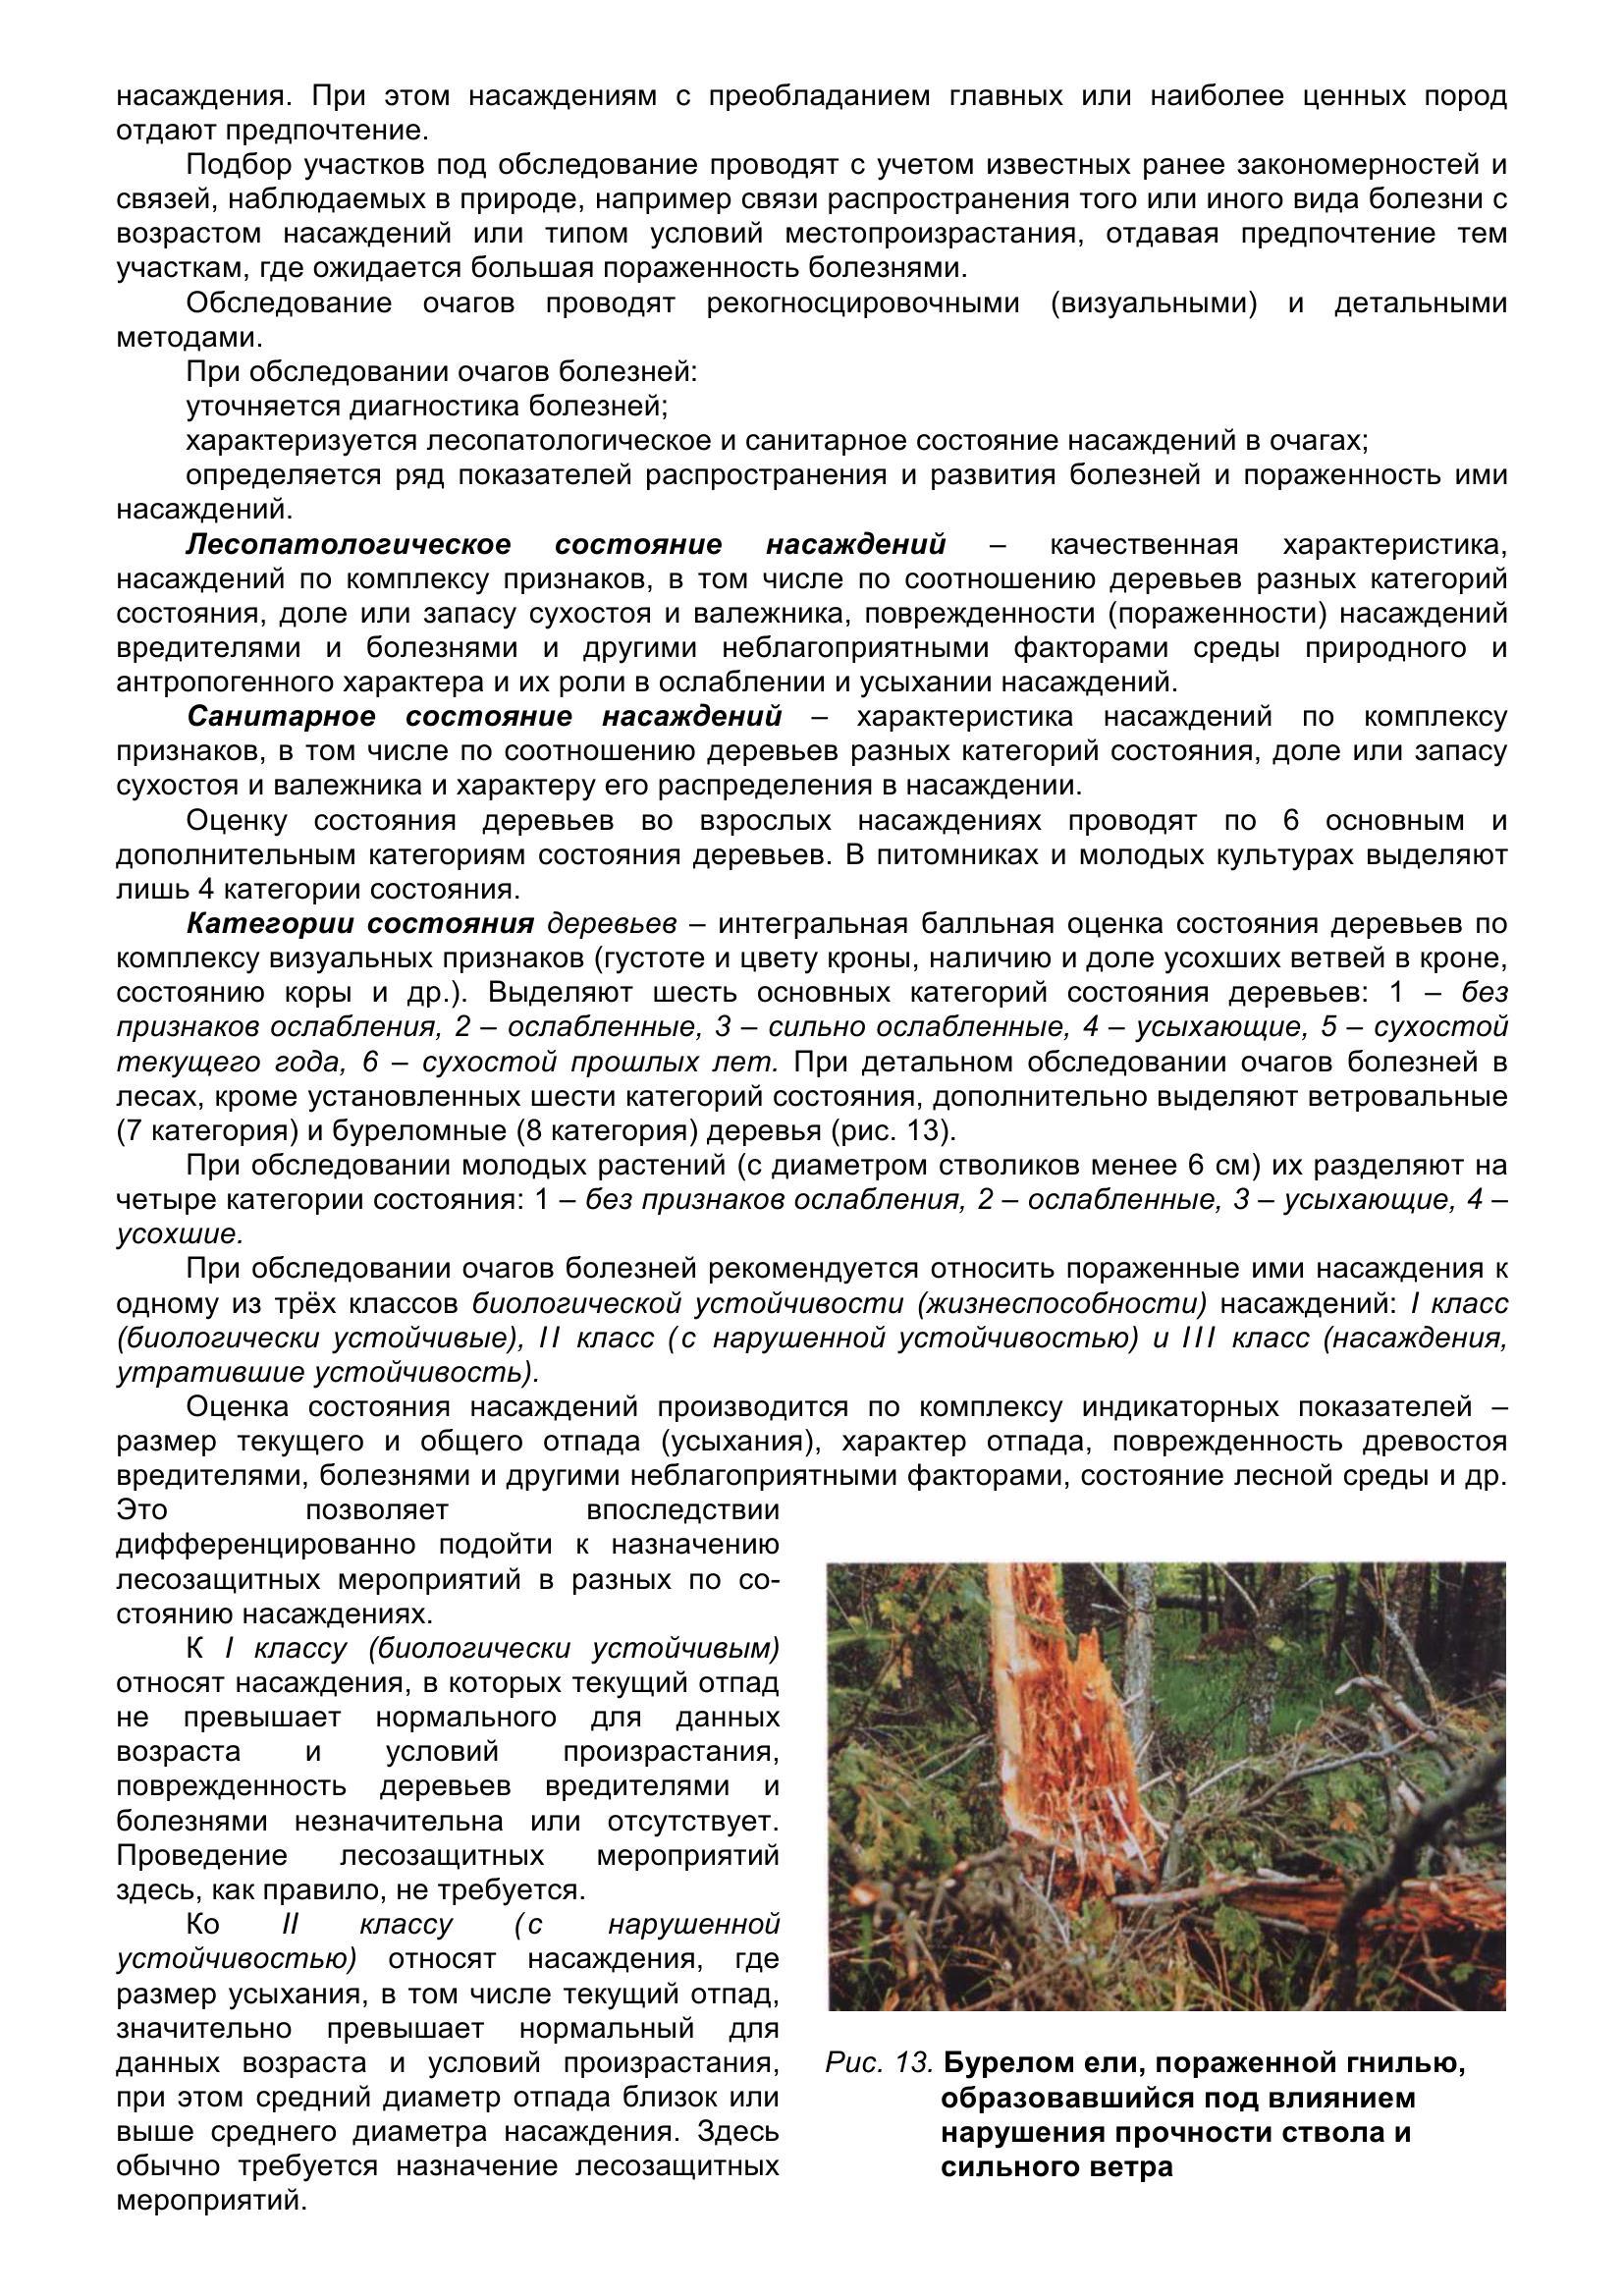 Болезни_древесных_растений_029.jpg